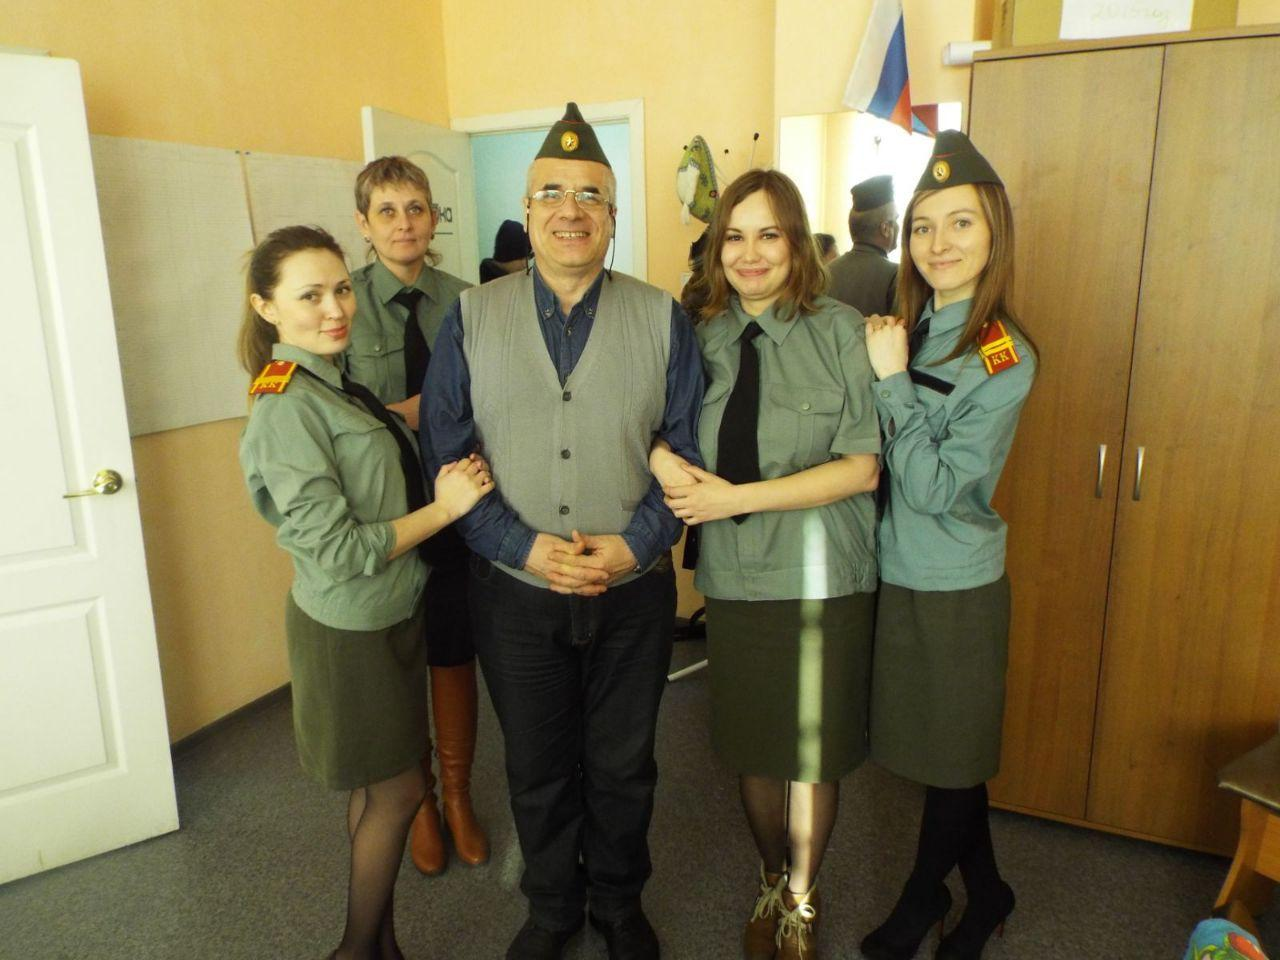 Библиотекарь Александр Тарасов стал помощником зампреда правительства Осипова